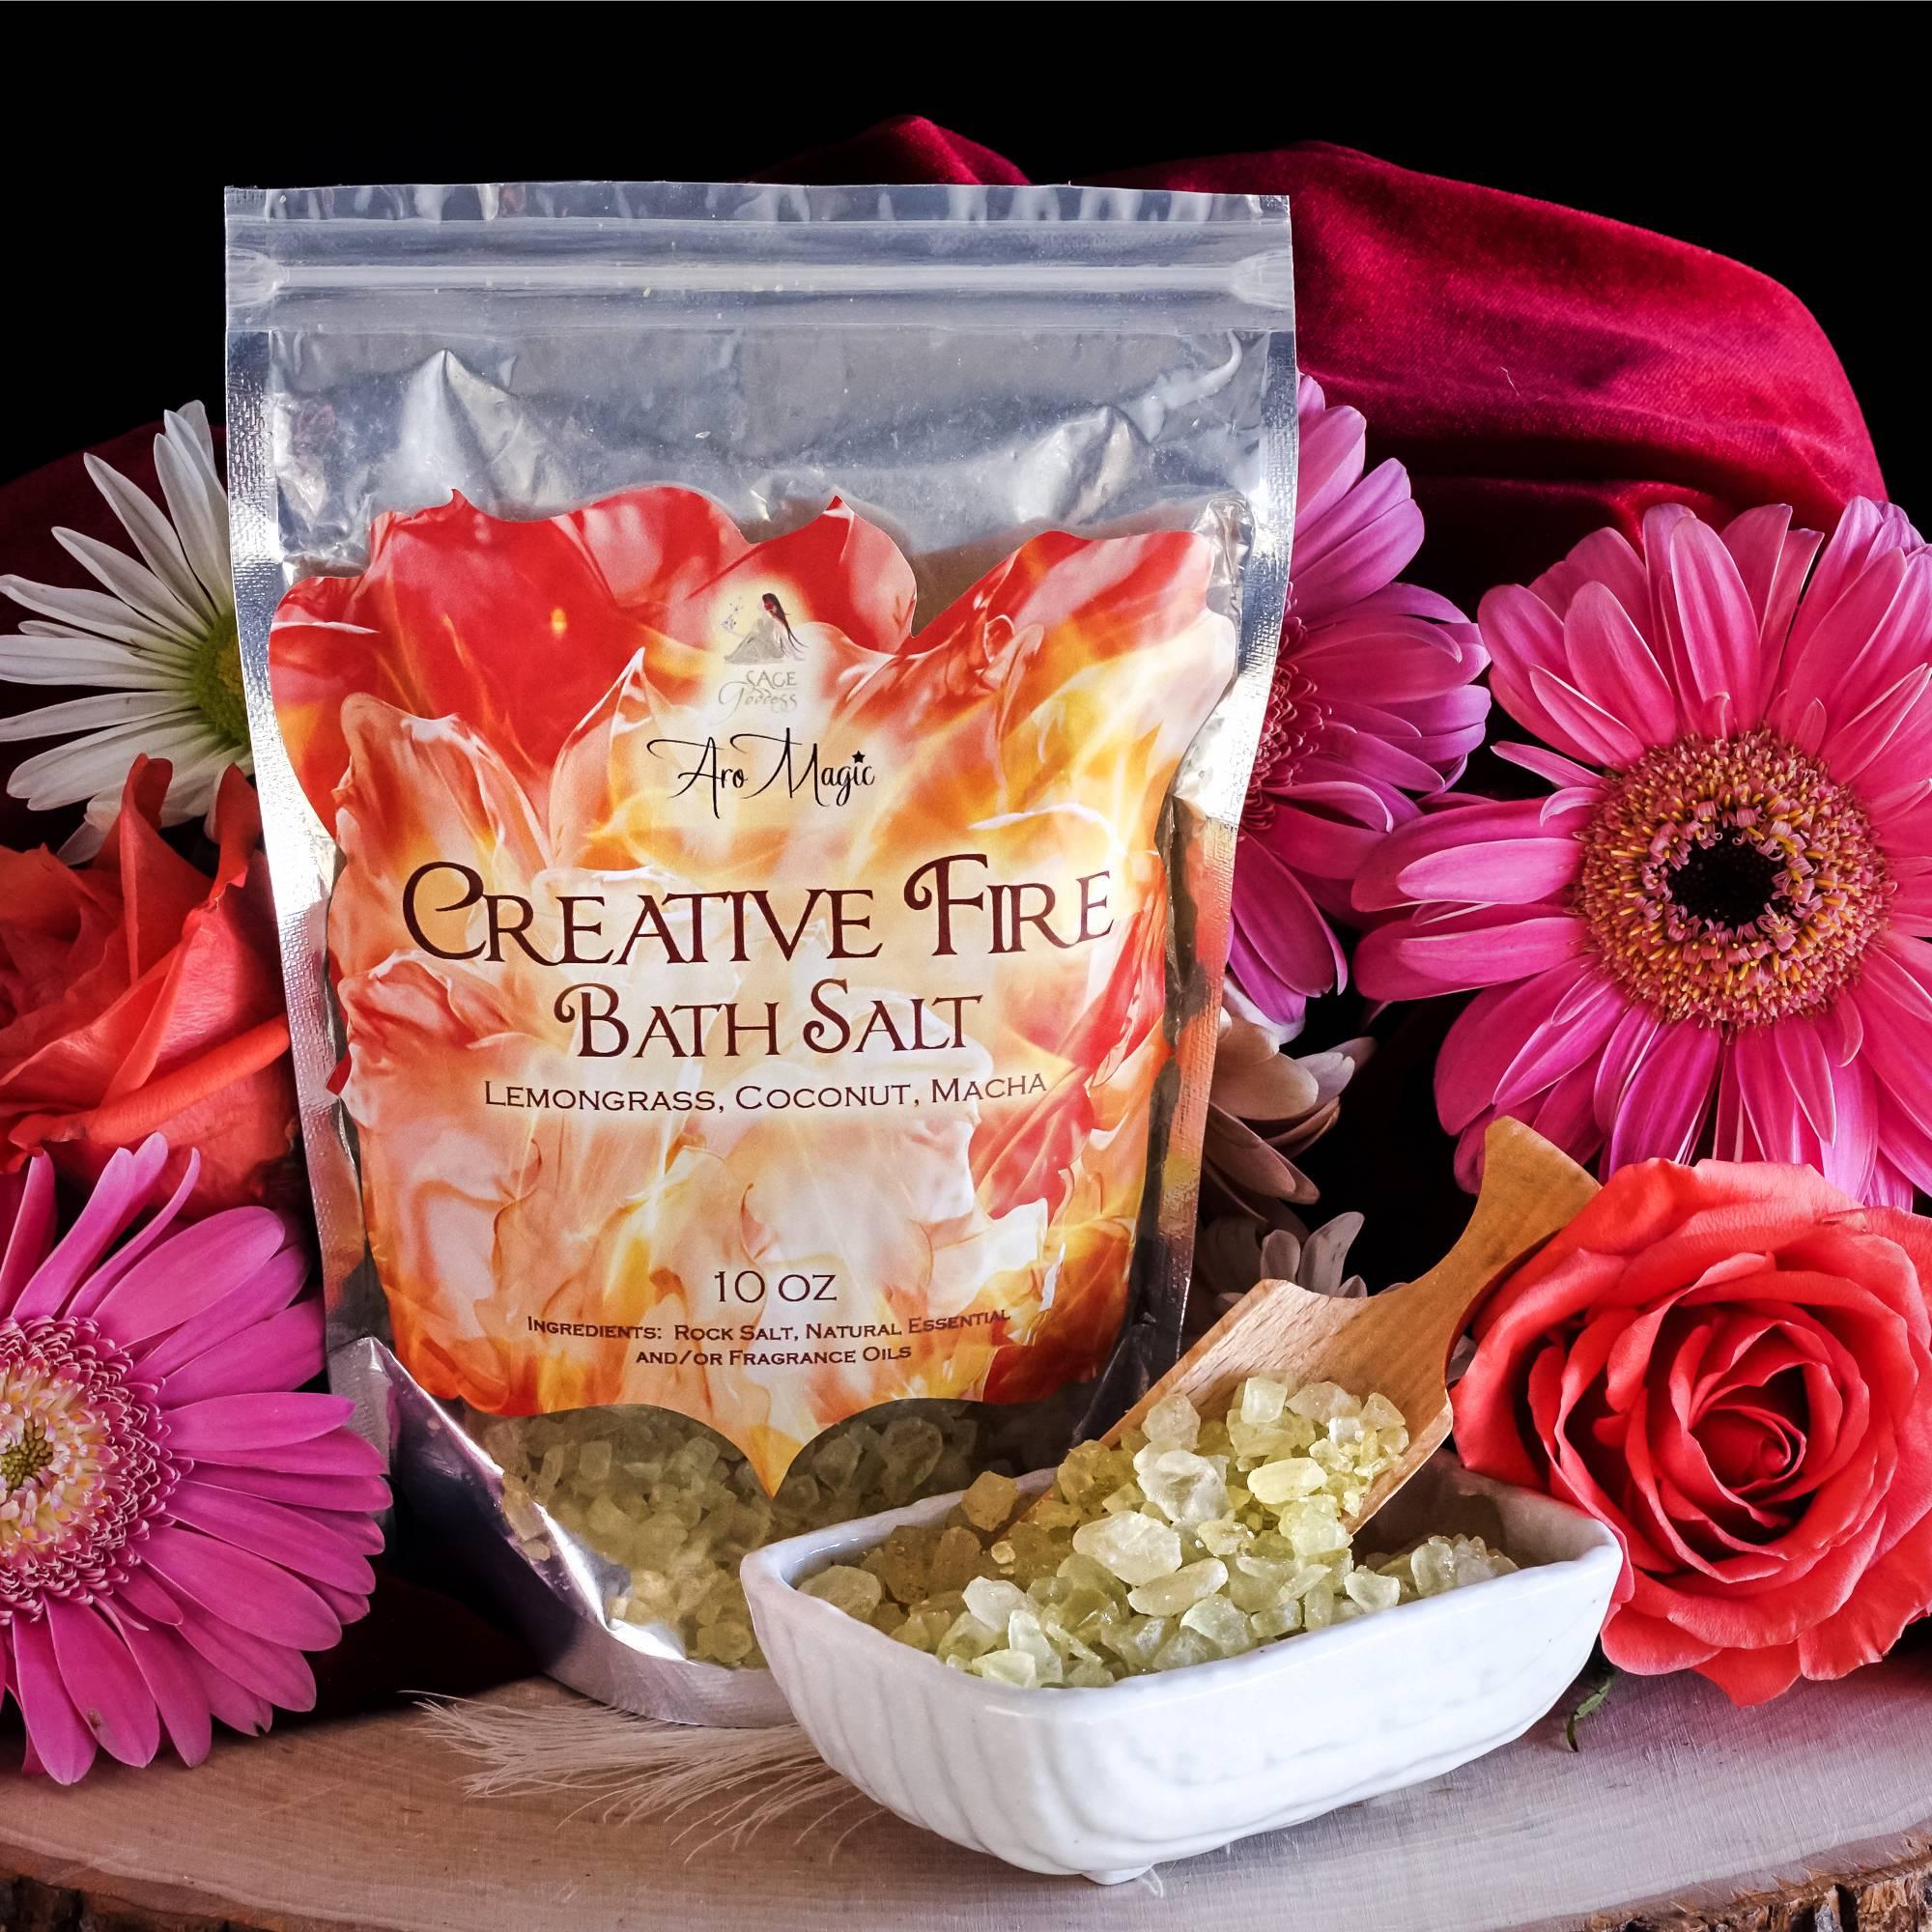 Creative Fire Bath Salts